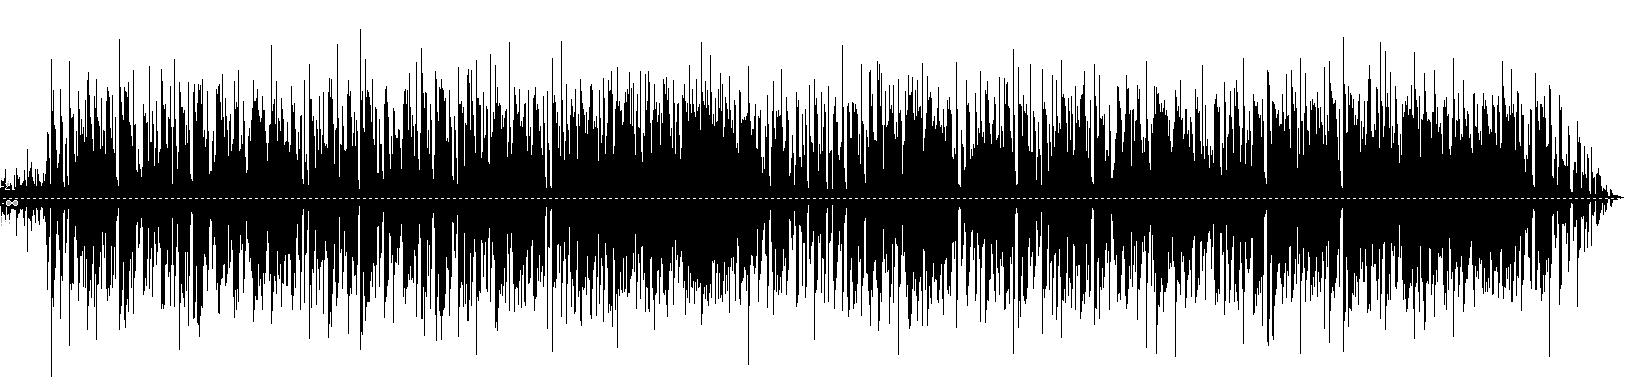 フォーマットについての話  サンプリング周波数とビット深度について